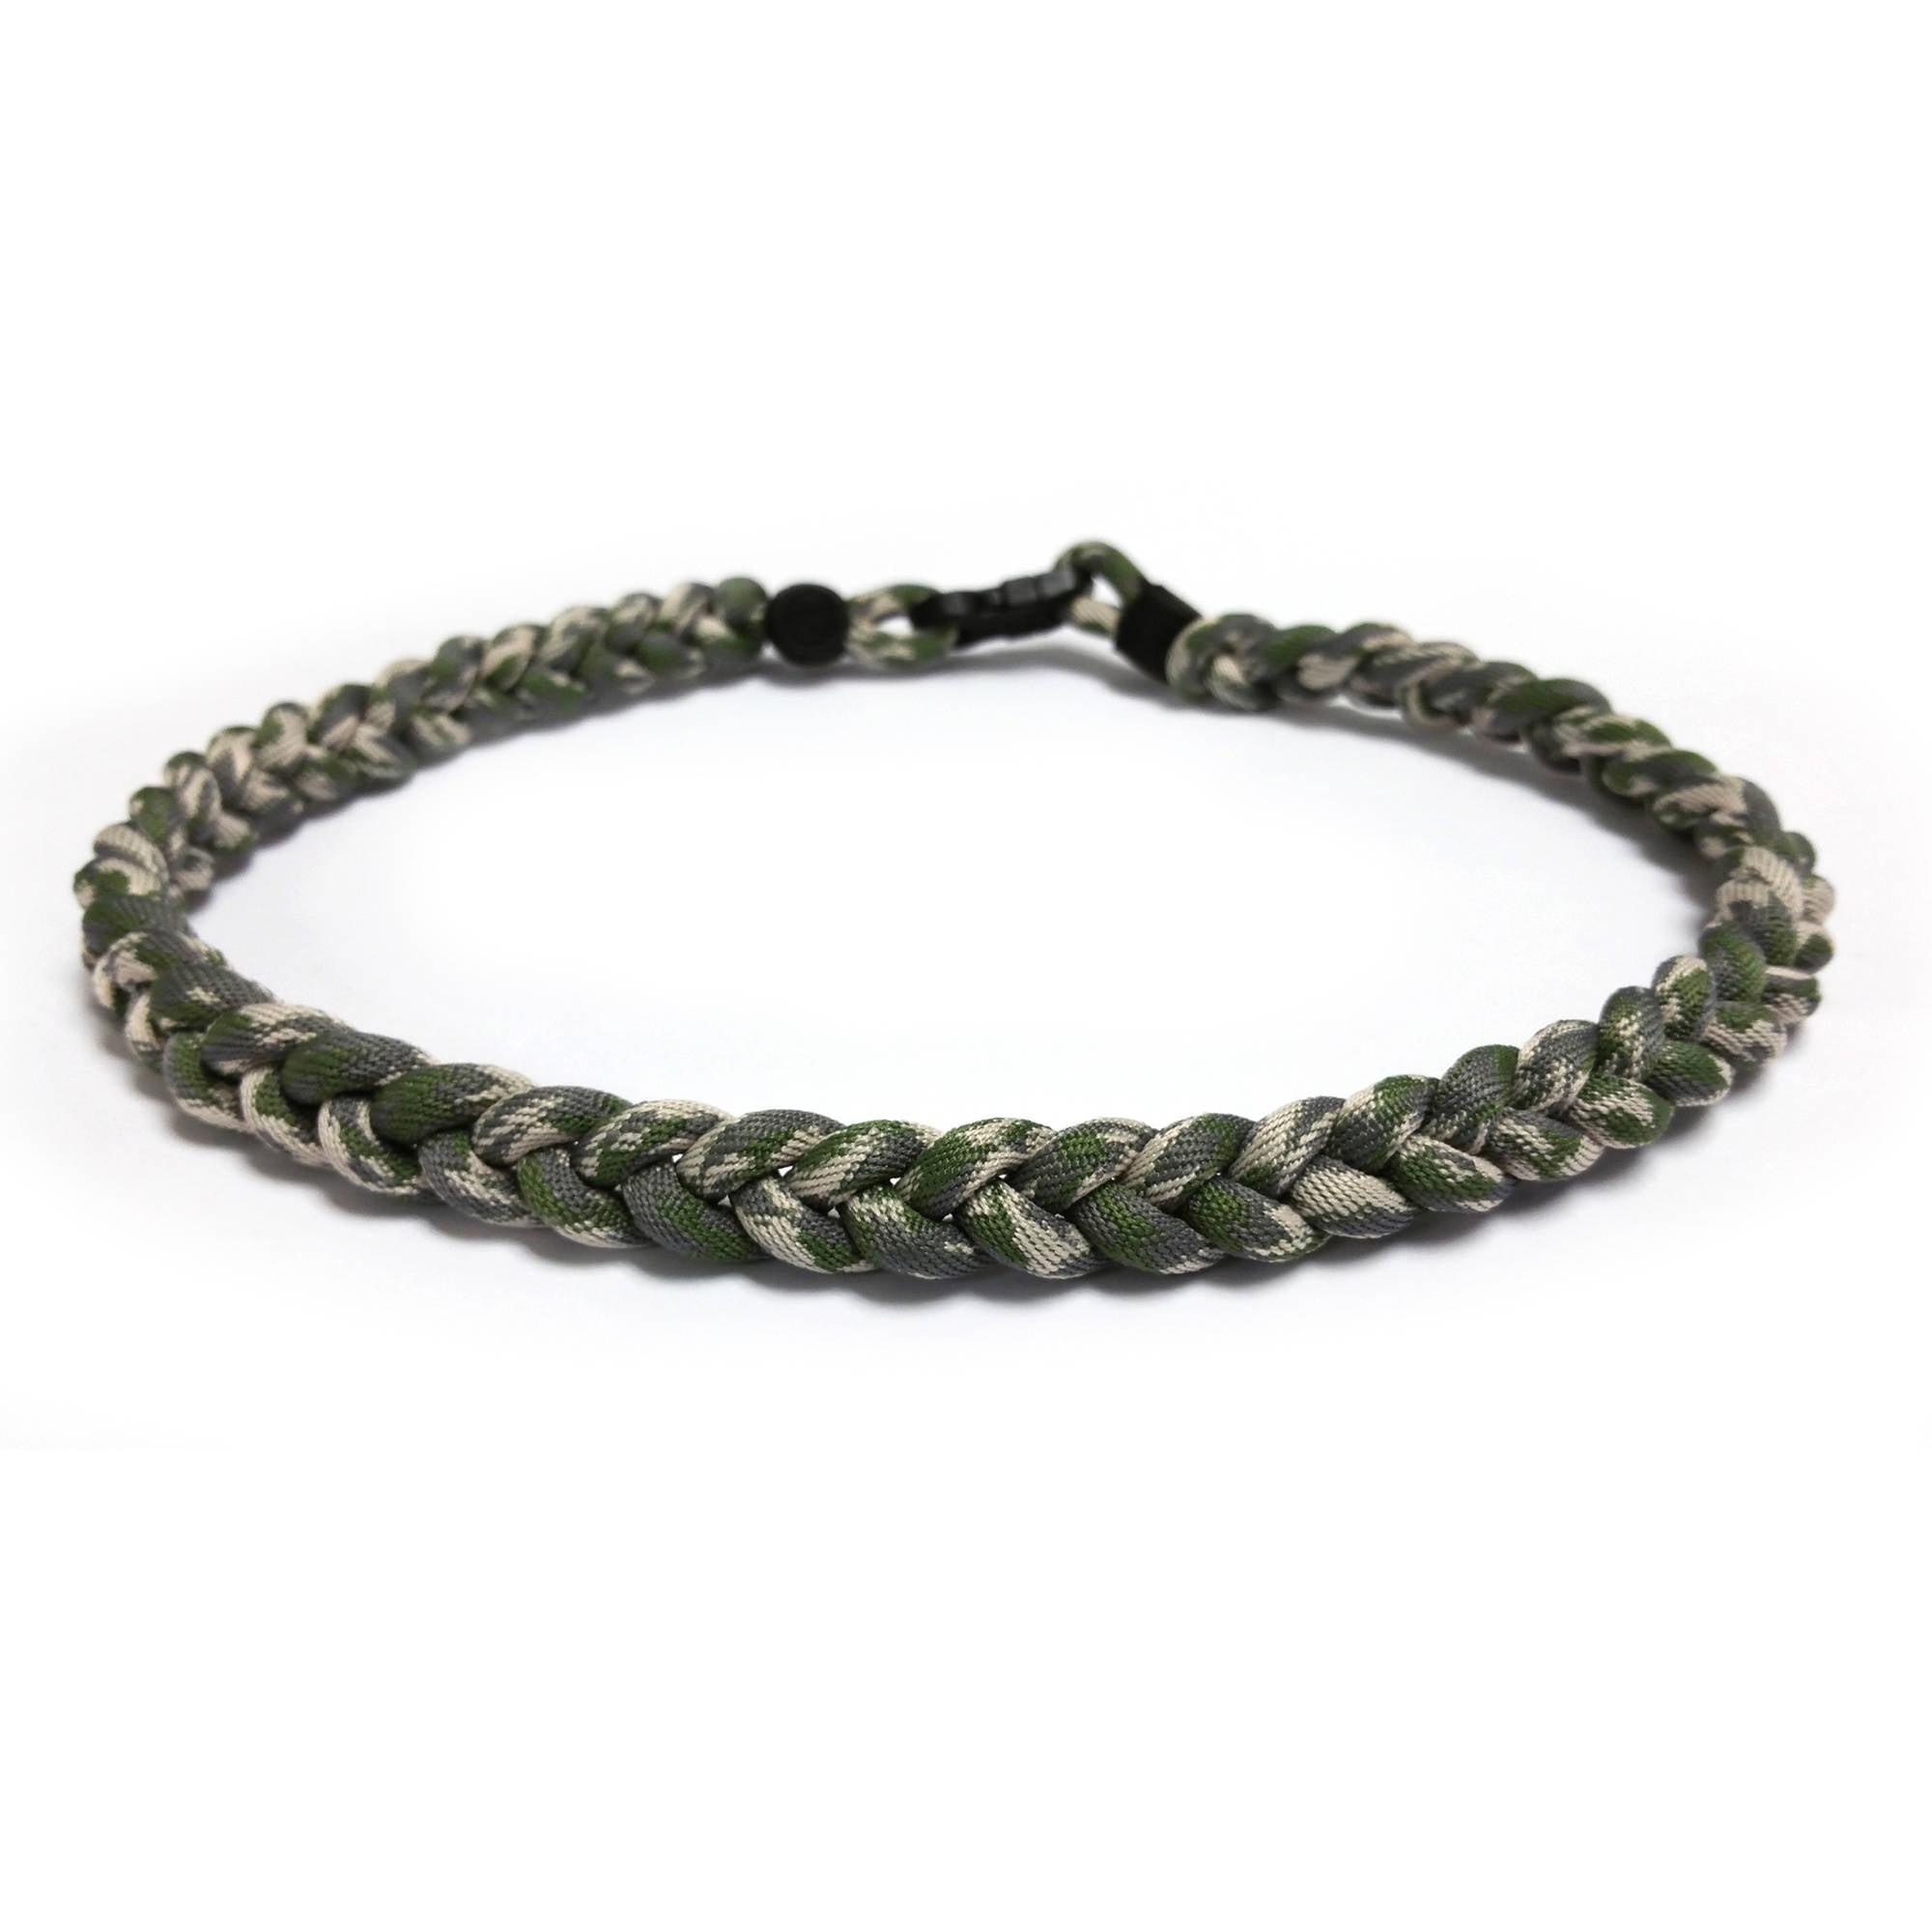 Dennco Large Camo Necklace, 20 cm thumbnail